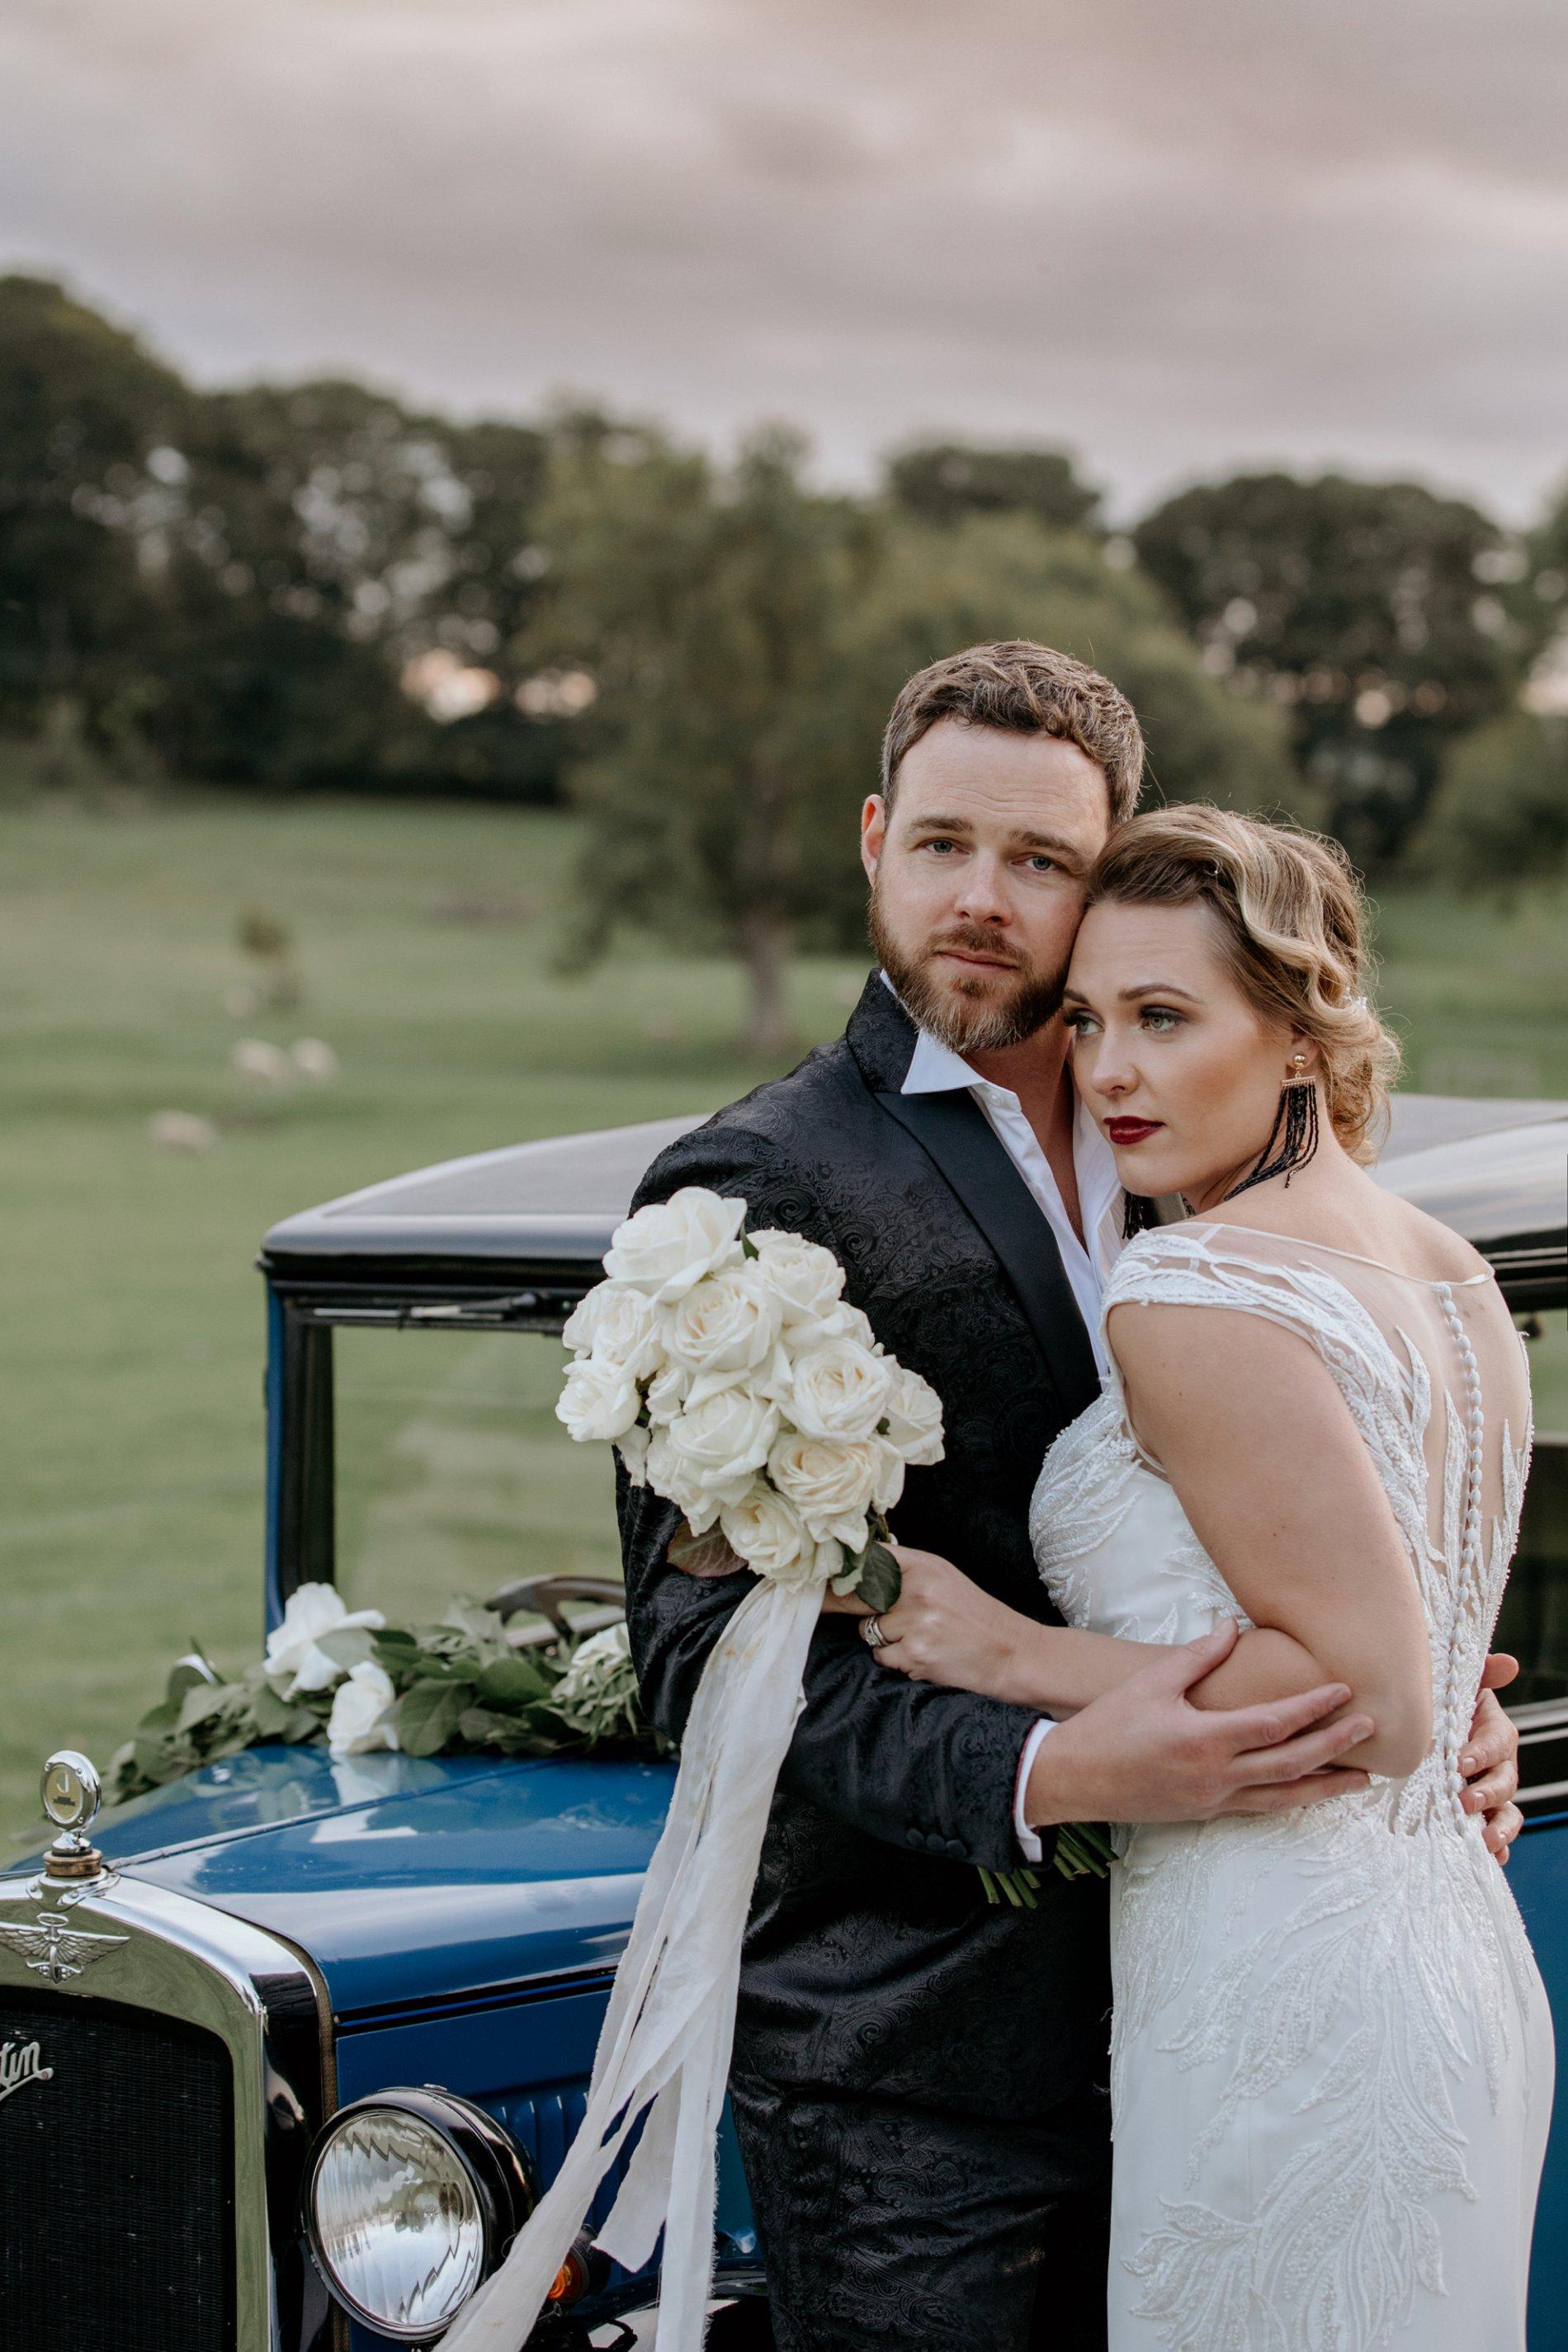 An Elegant Wedding Shoot at Jervaulx Abbey (c) Natalie Hamilton Photography (93)